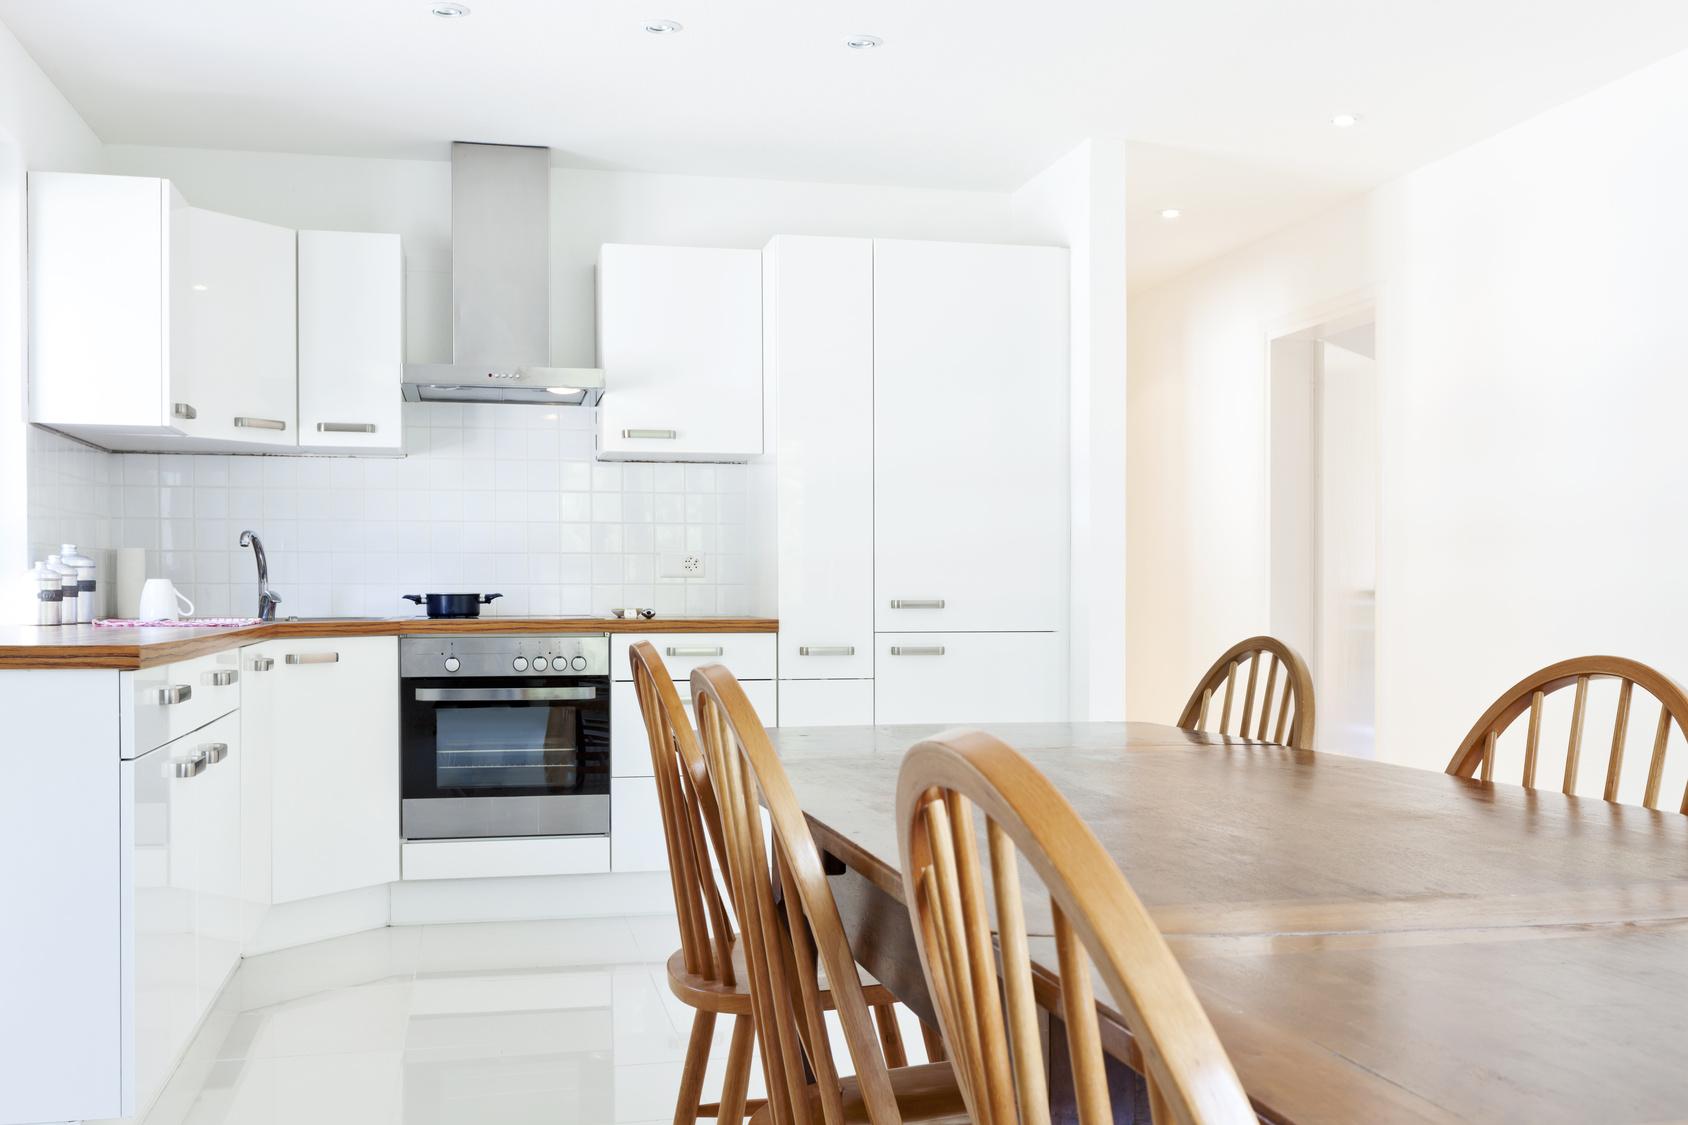 Beste Wohnküche Design Layout Zeitgenössisch - Küchenschrank Ideen ...